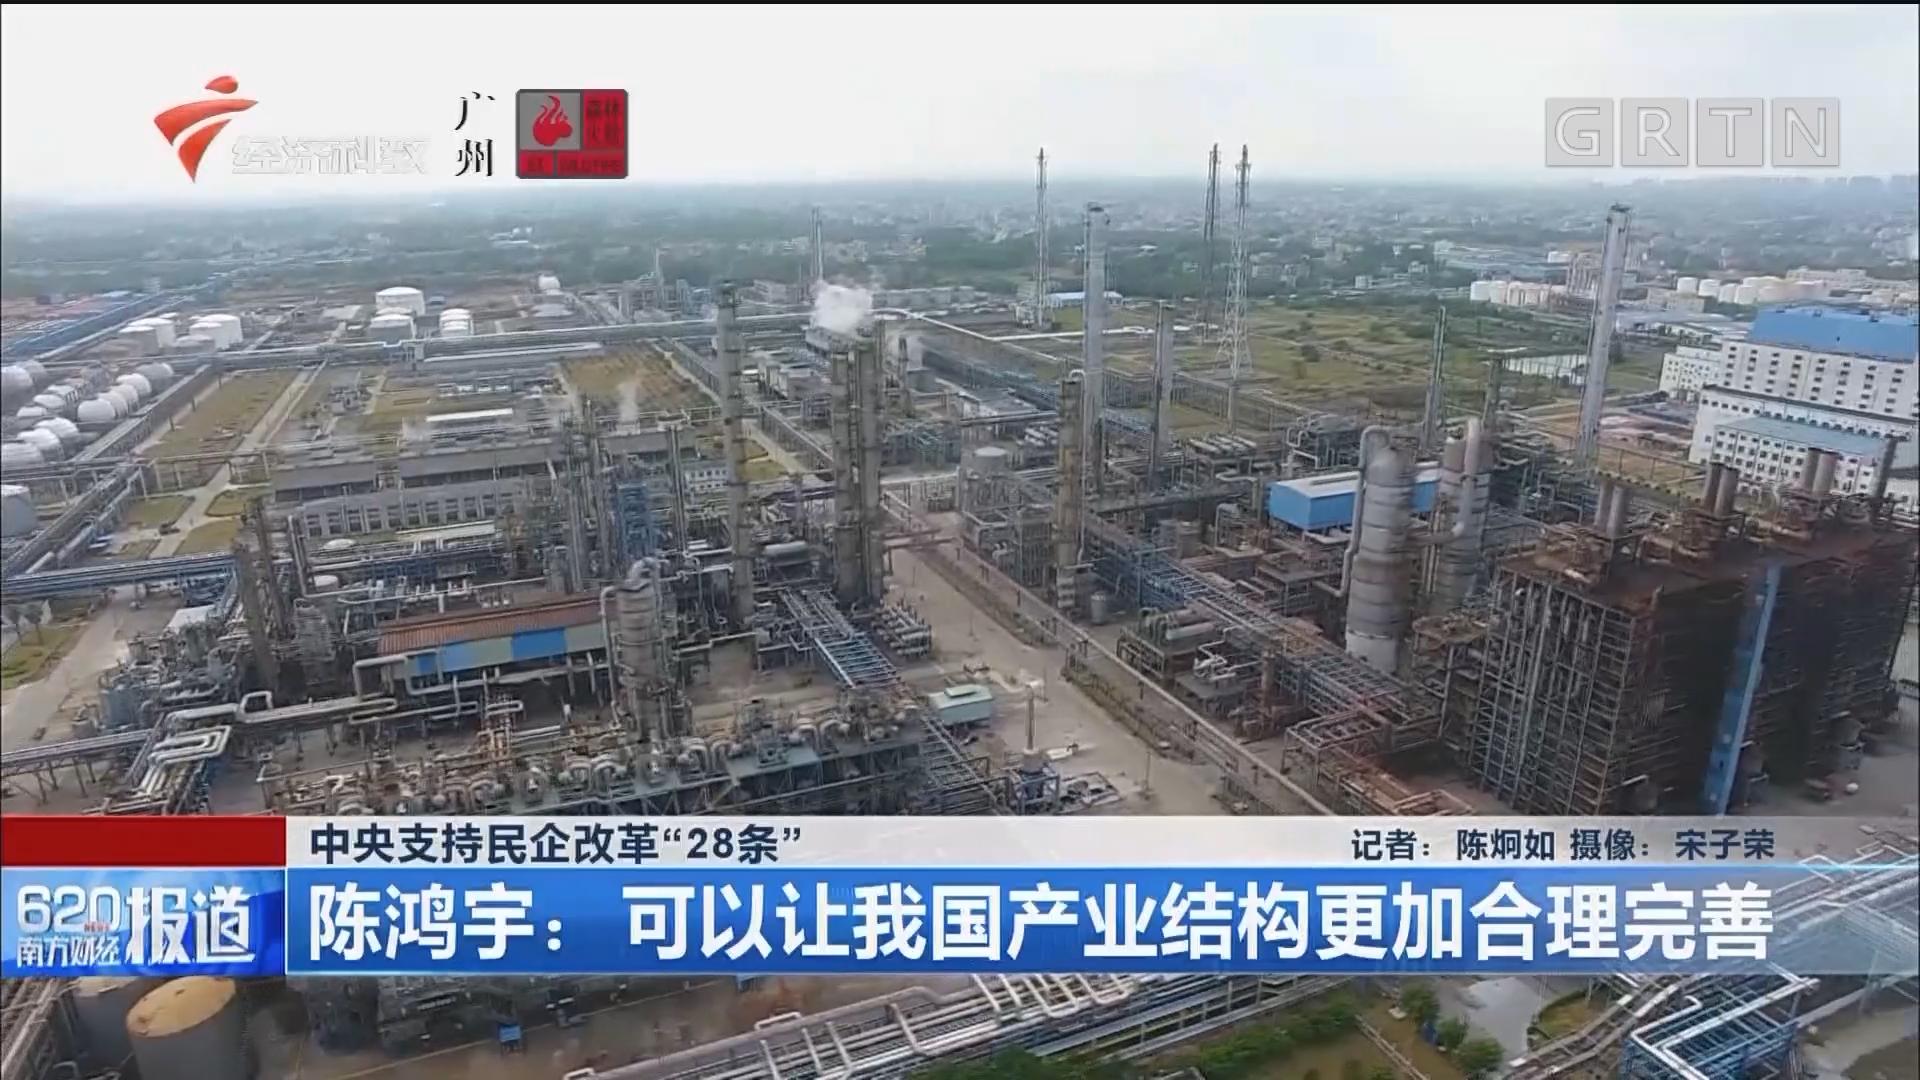 """中央支持民企改革""""28條"""" 陳鴻宇:可以讓我國產業結構更加合理完善"""